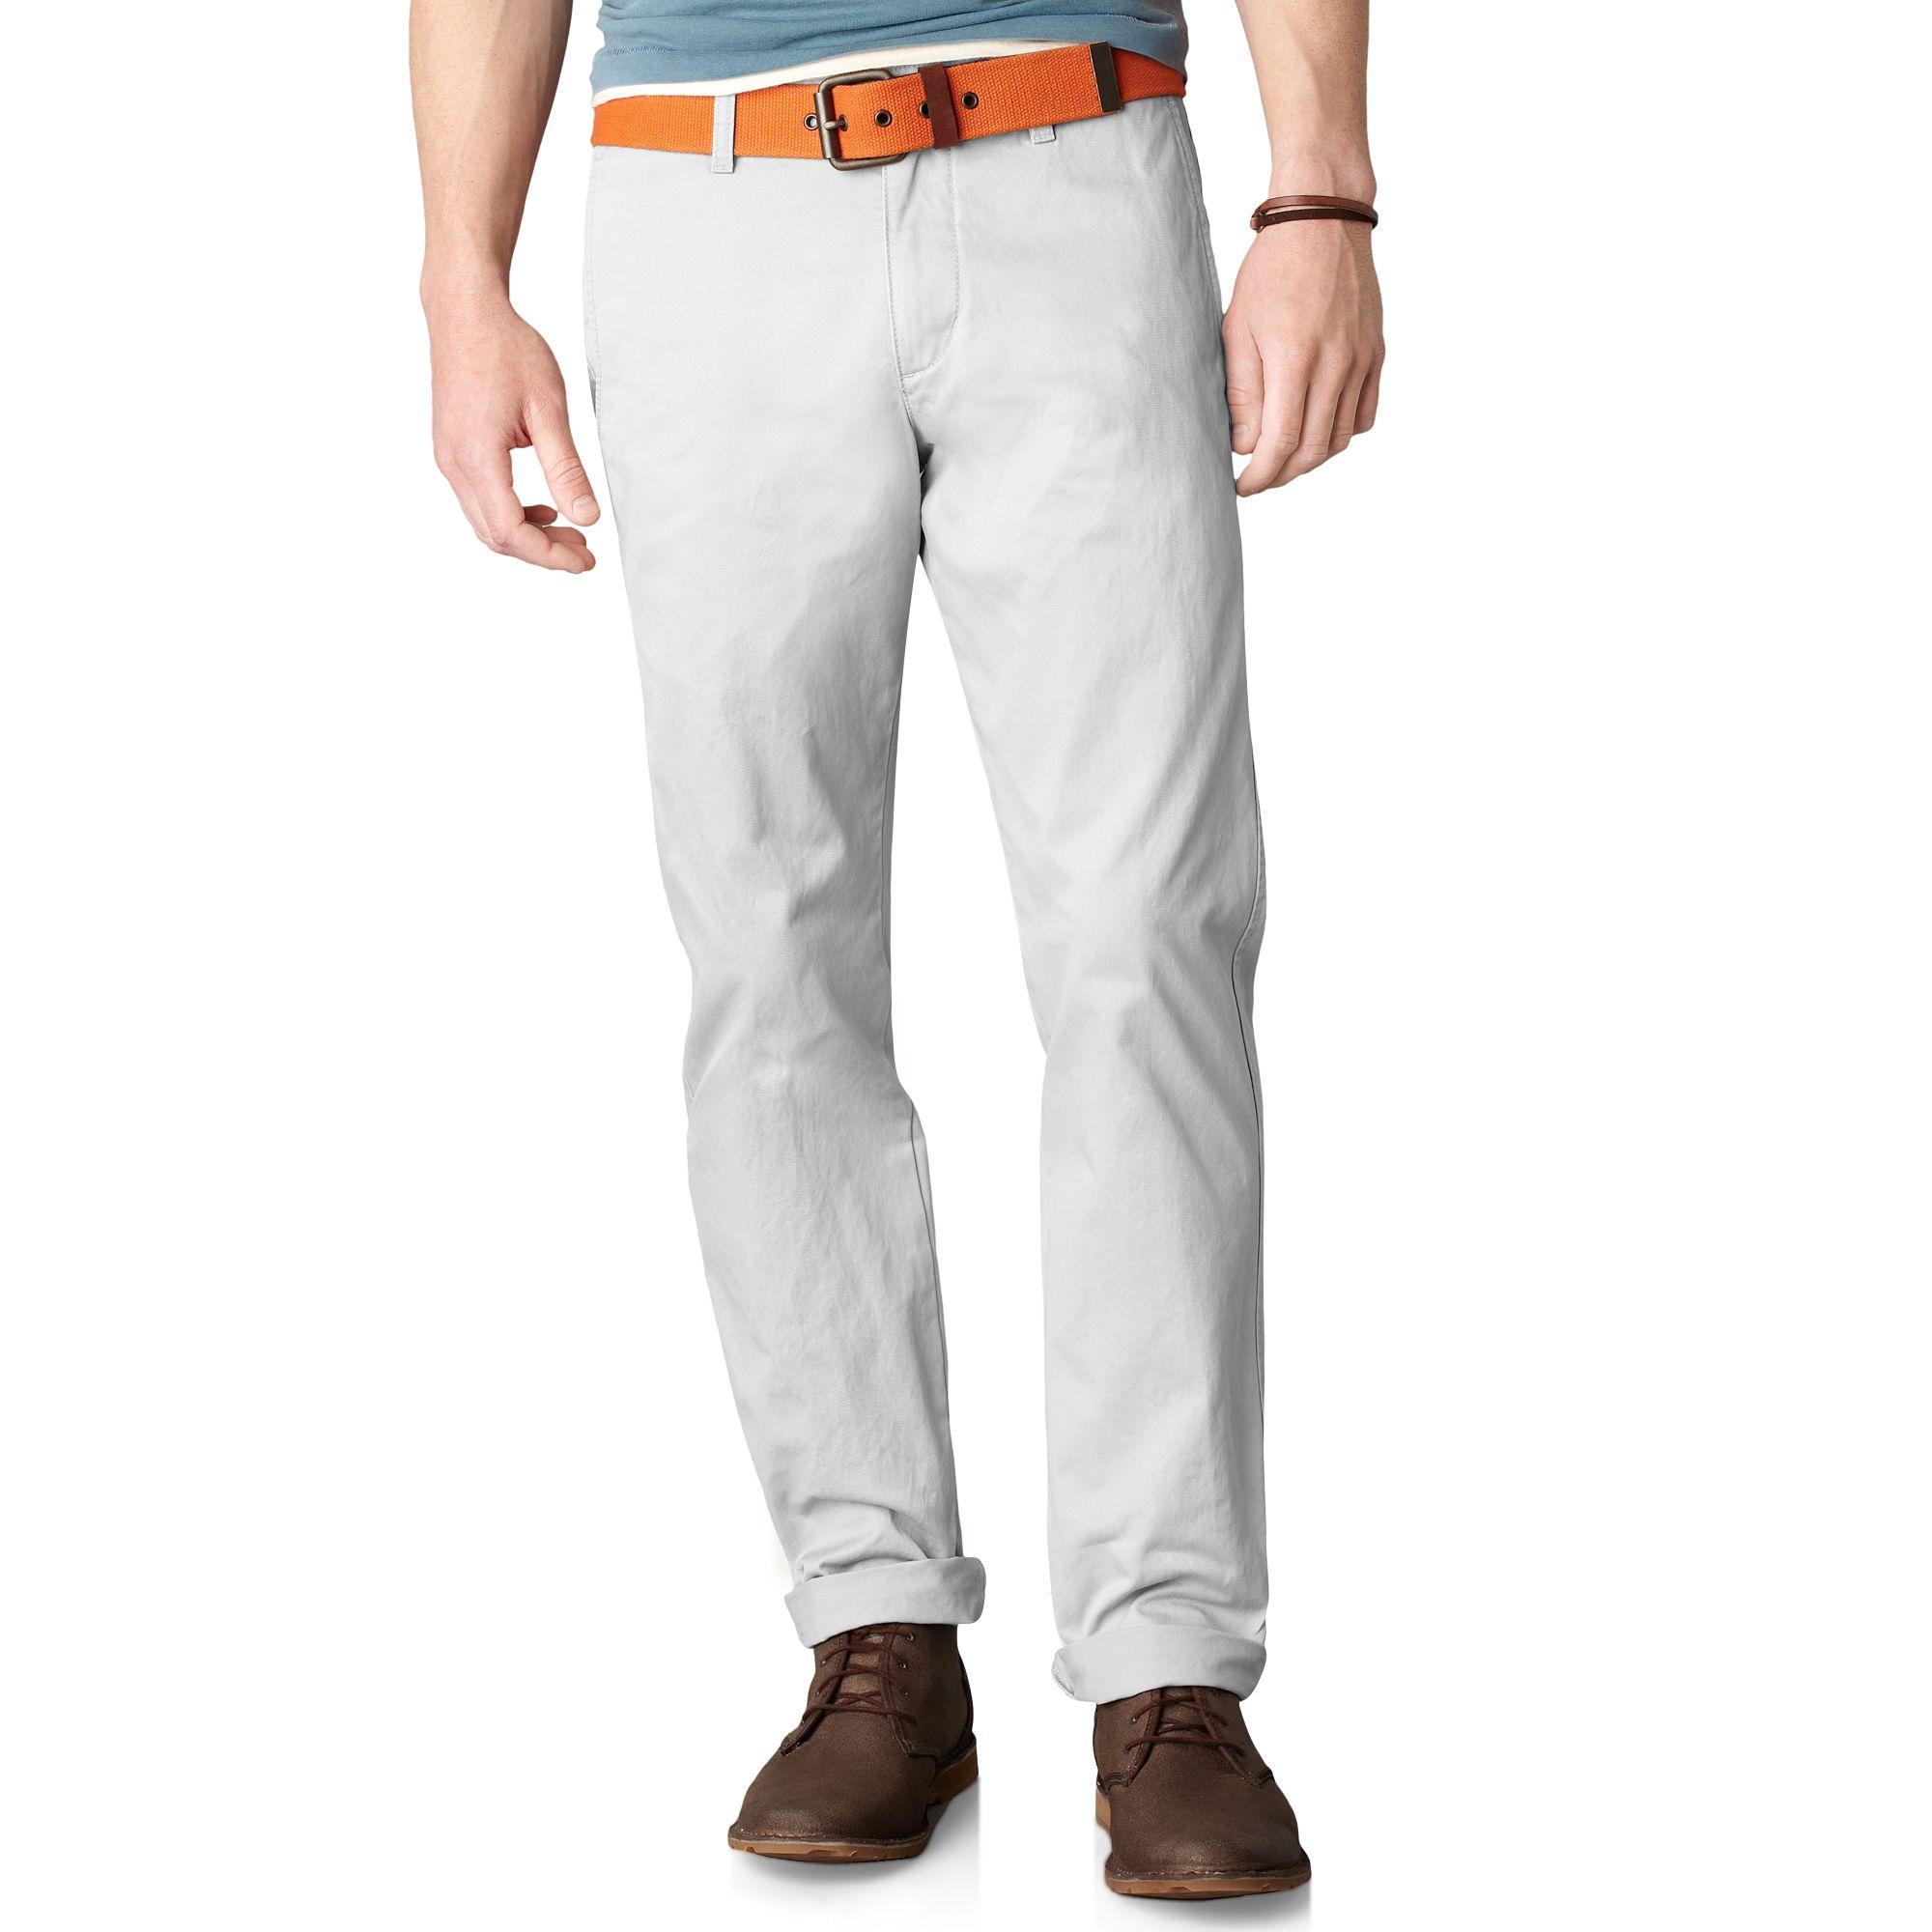 Mens Levi Khaki Jeans